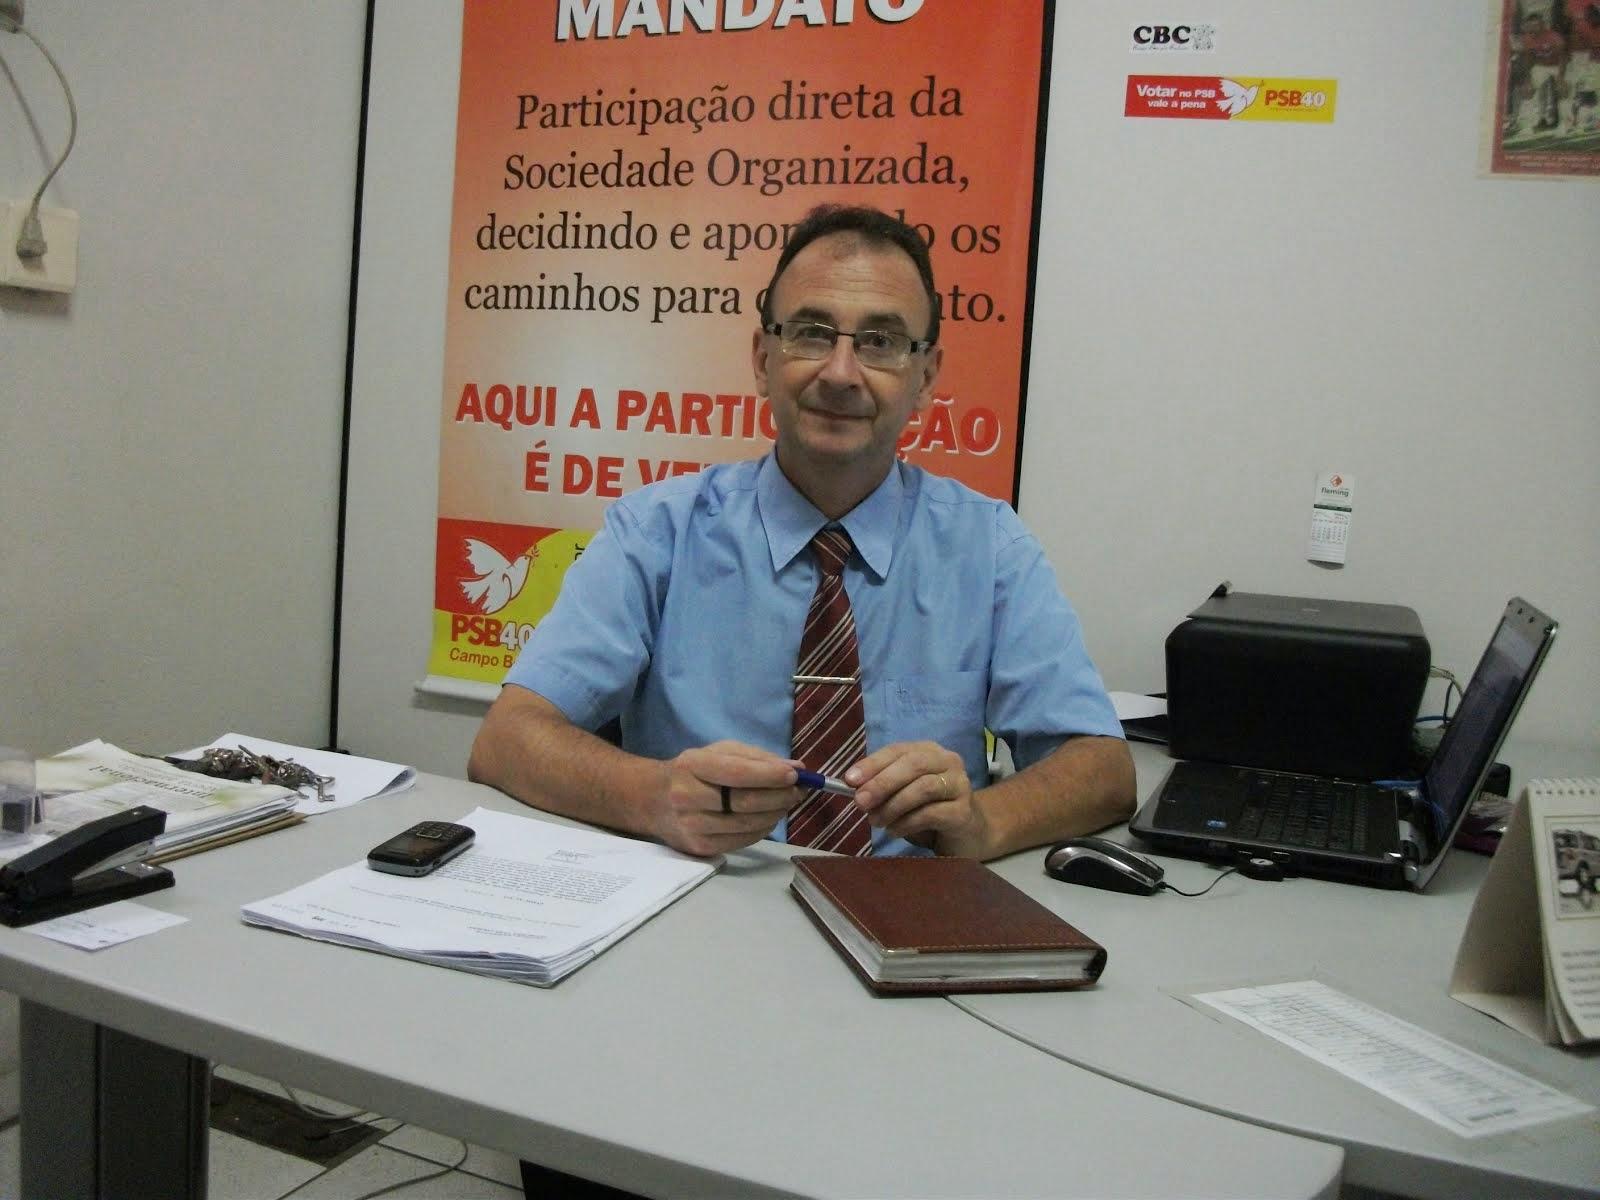 VEREADOR PEDE MELHORIAS NO LABORATÓRIO DO HOSPITAL